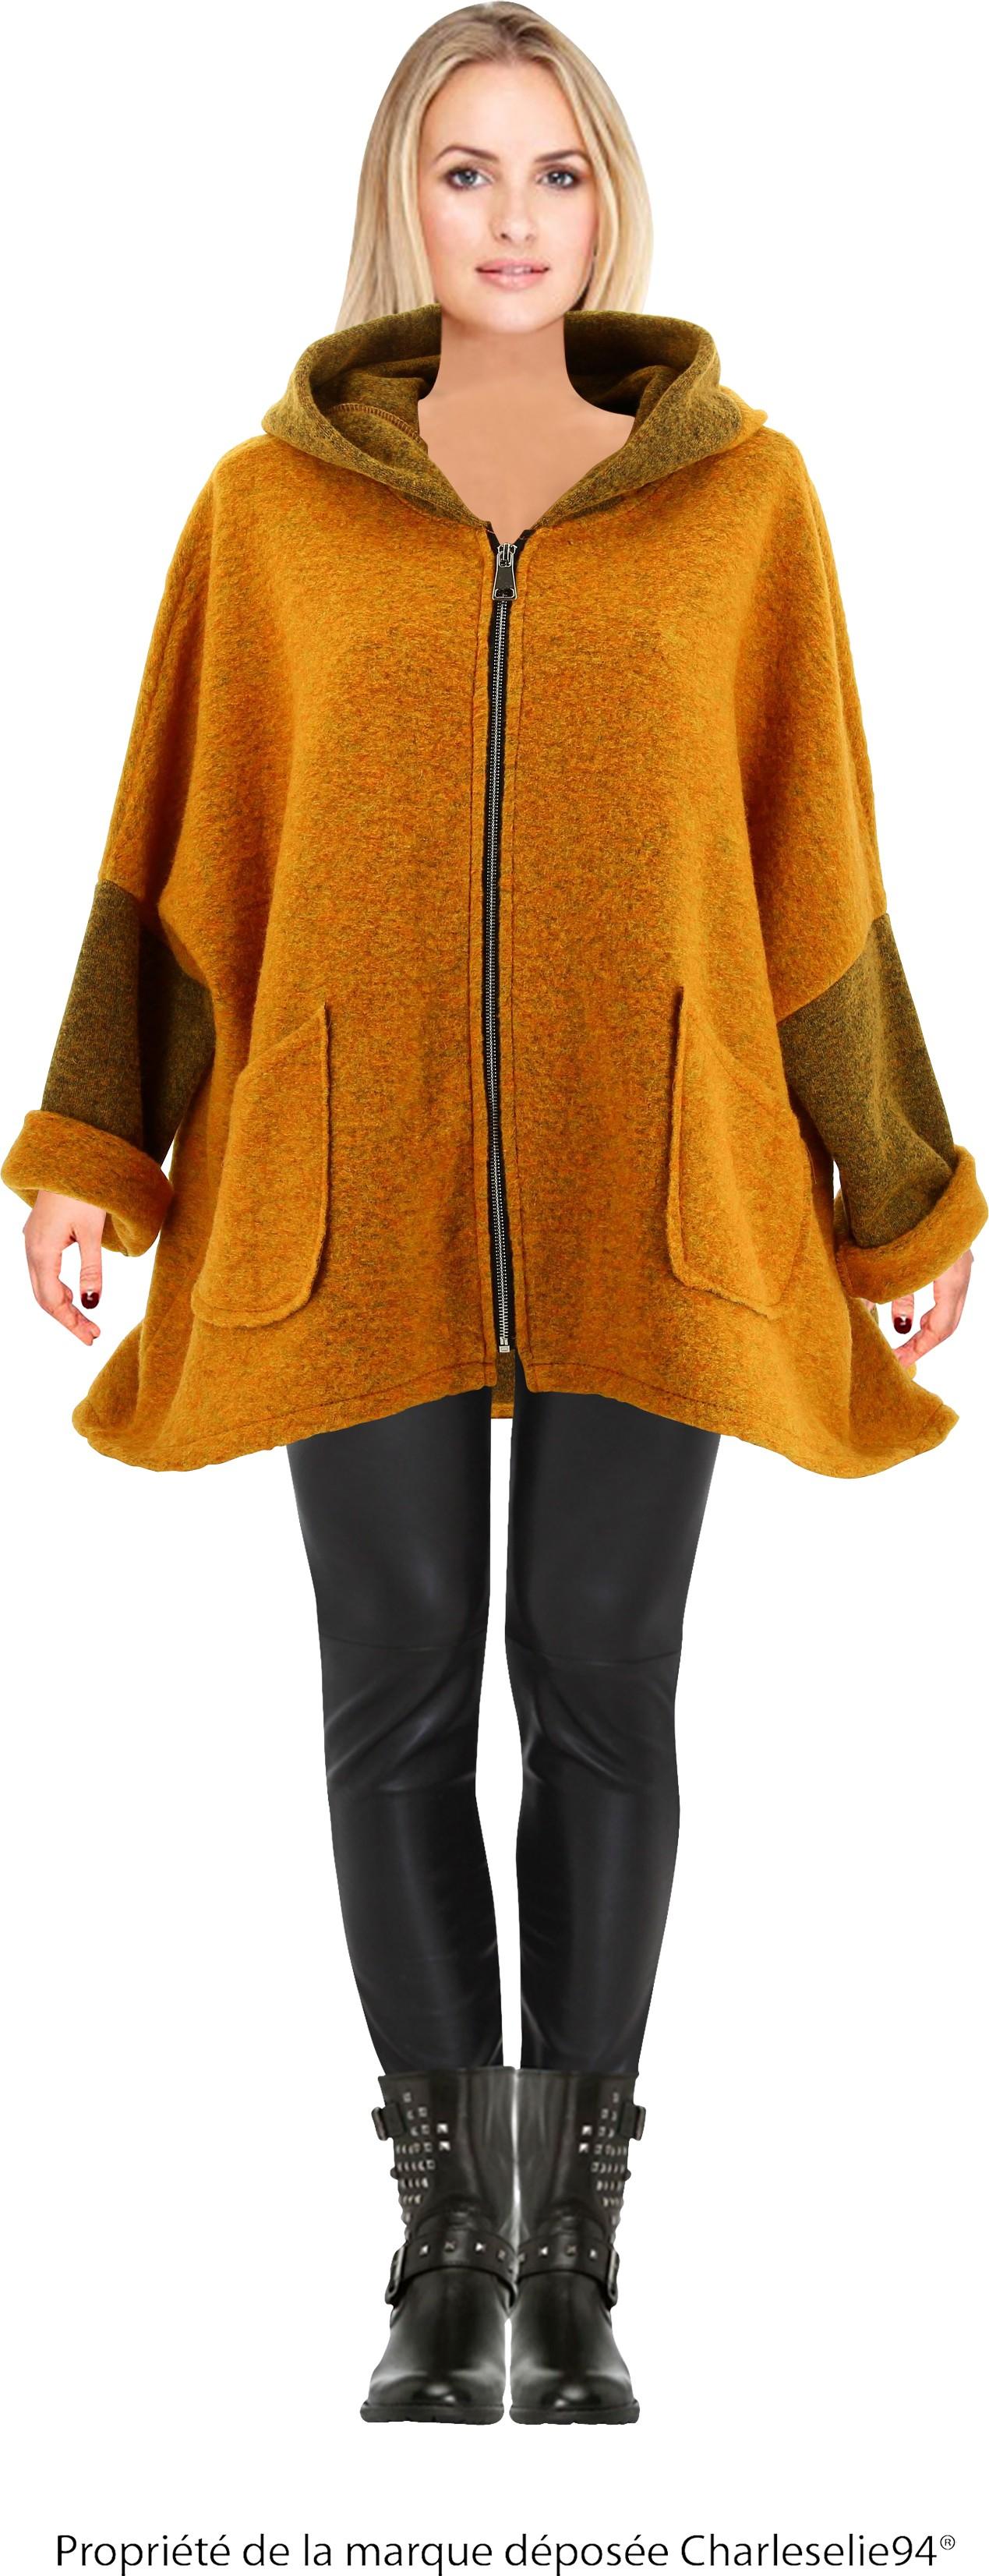 manteau long laine bouillie capuche manteaux populaires et branch s en france. Black Bedroom Furniture Sets. Home Design Ideas